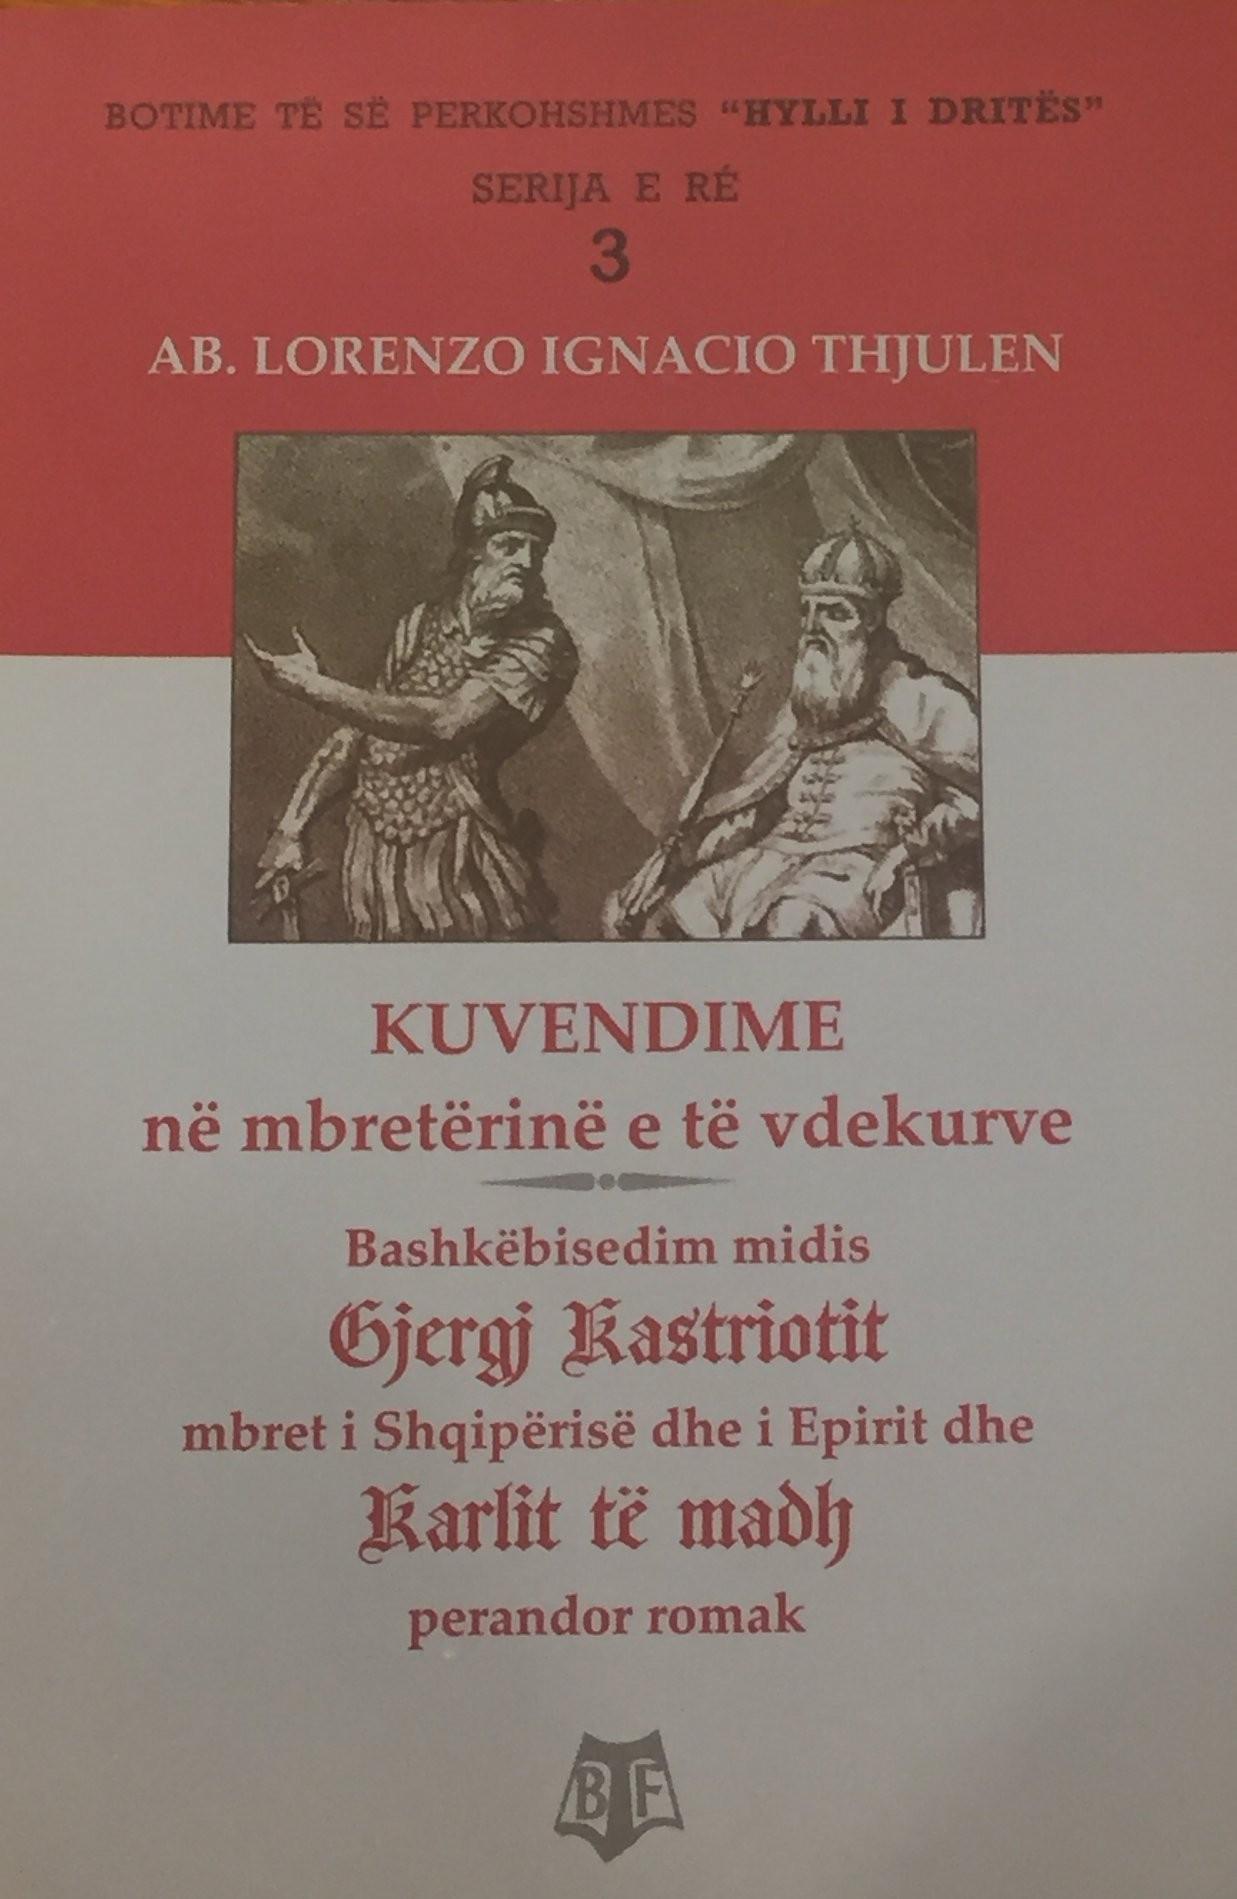 Kuvendime në mbretërinë e të vdekurve